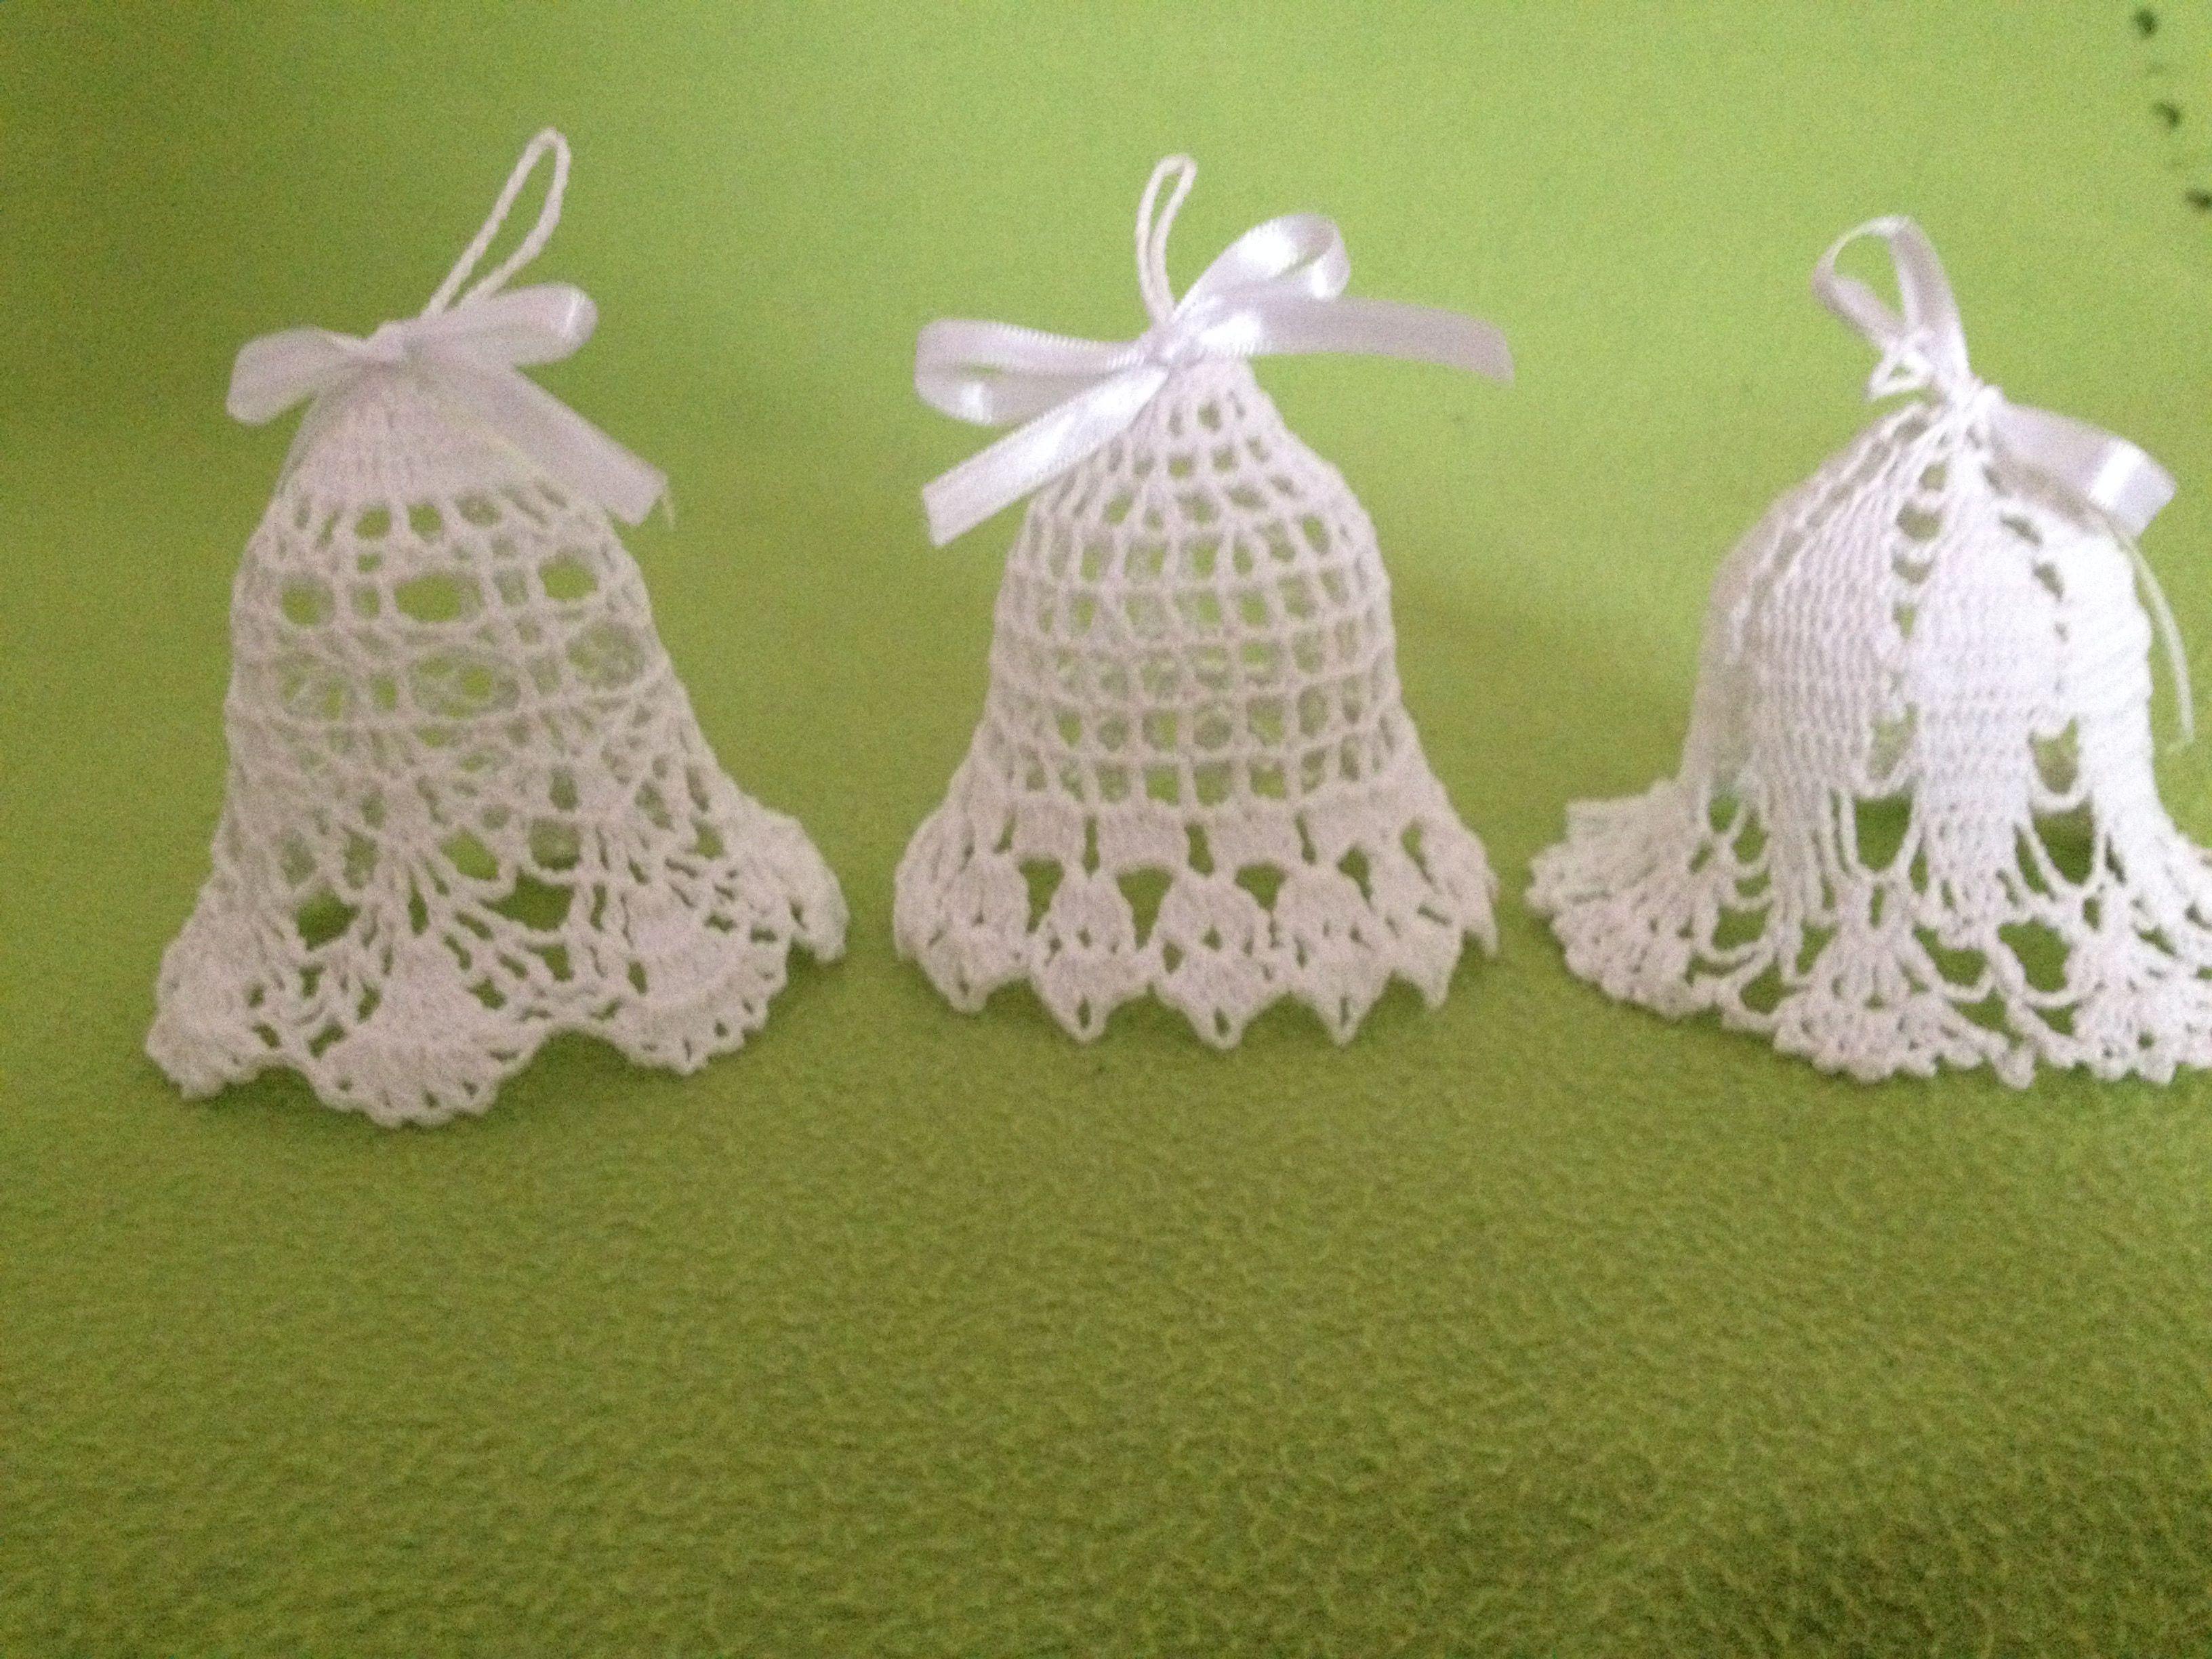 Pin by kůsová on Z Háčkované zvonky - crochet bells | Pinterest ...